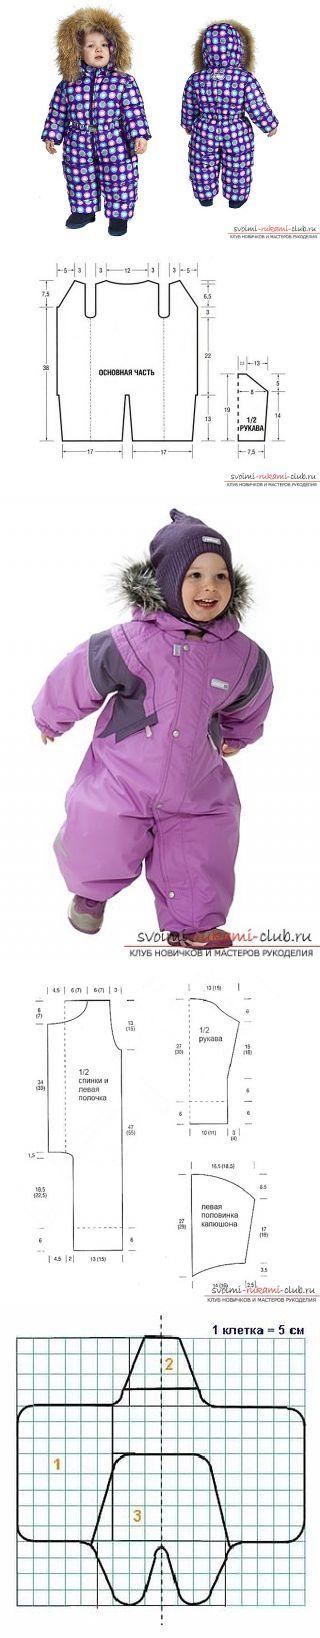 Моделирование детской одежды.(8часть)